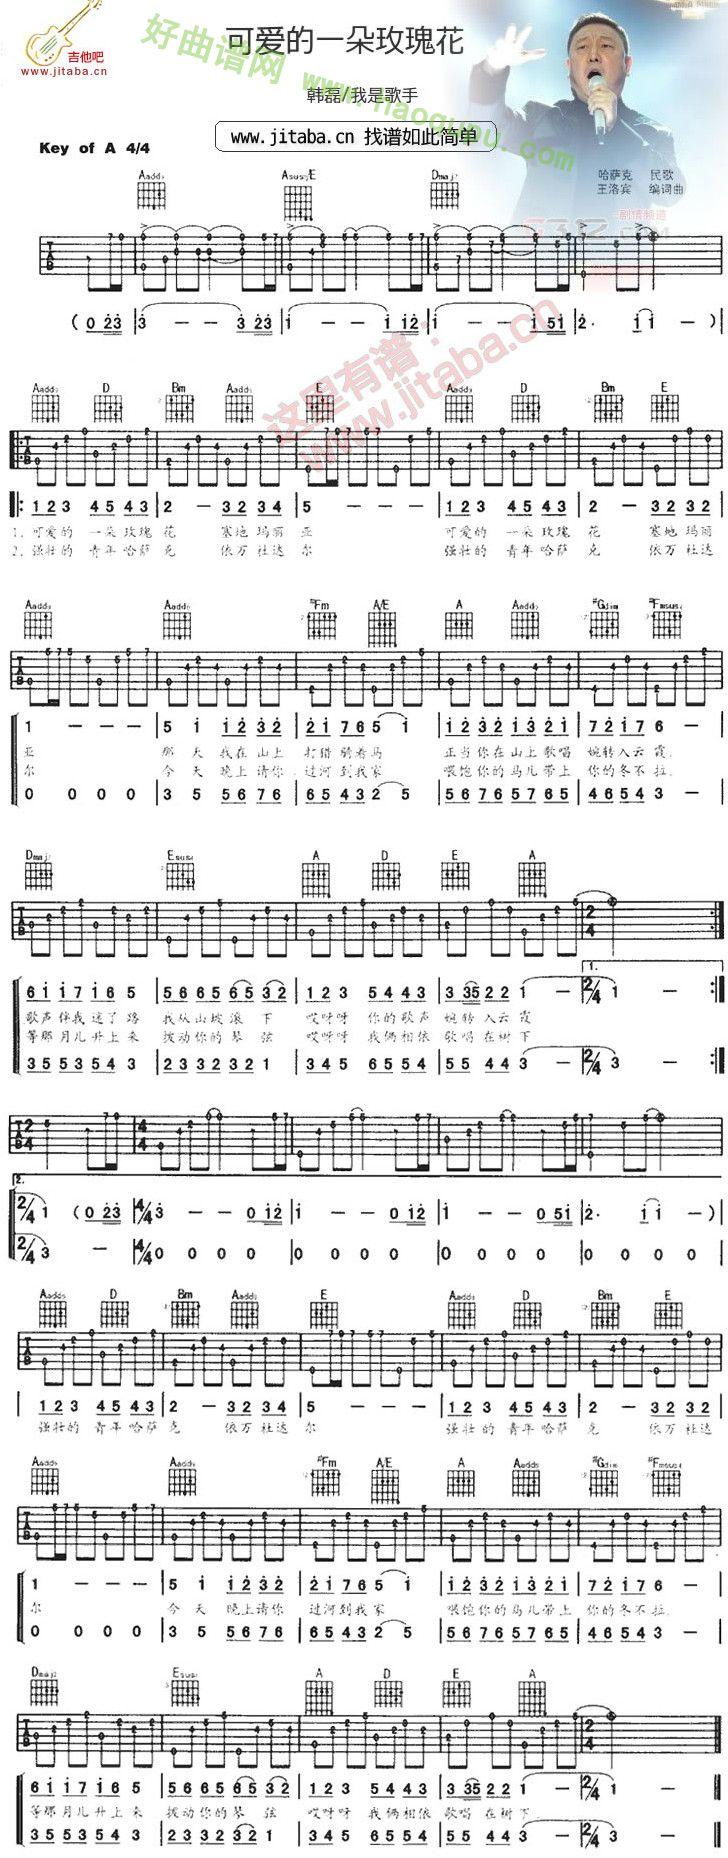 搜索心中的玫瑰的曲谱-可爱的一朵玫瑰花 吉他谱